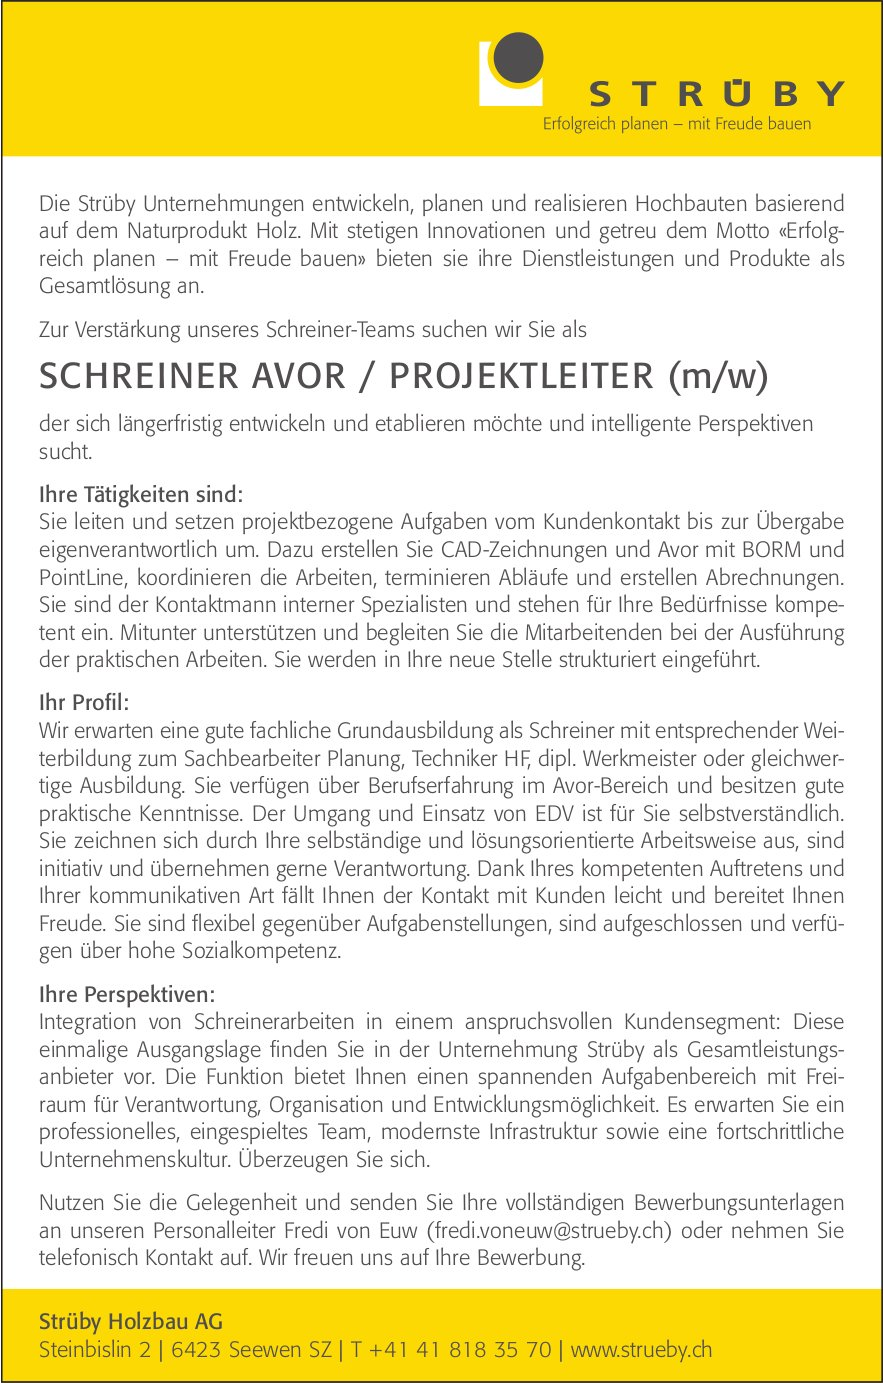 Schreiner Avor / Projektleiter (w/m), Strüby Holzbau AG, Seewen, gesucht